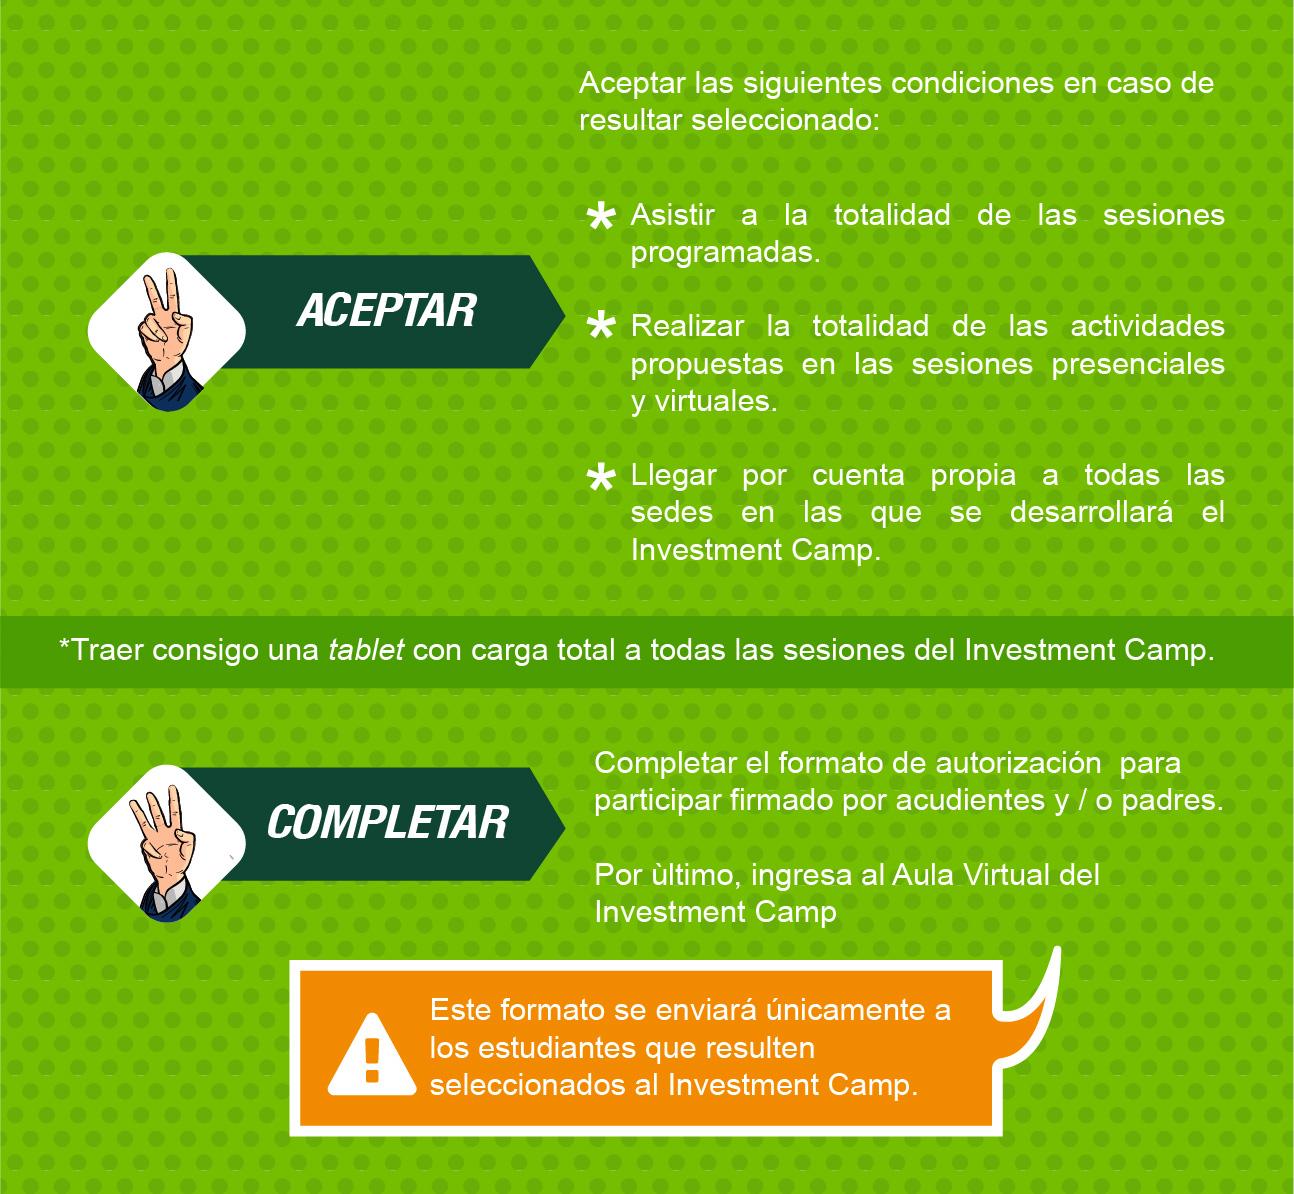 titulo_que3 (1)